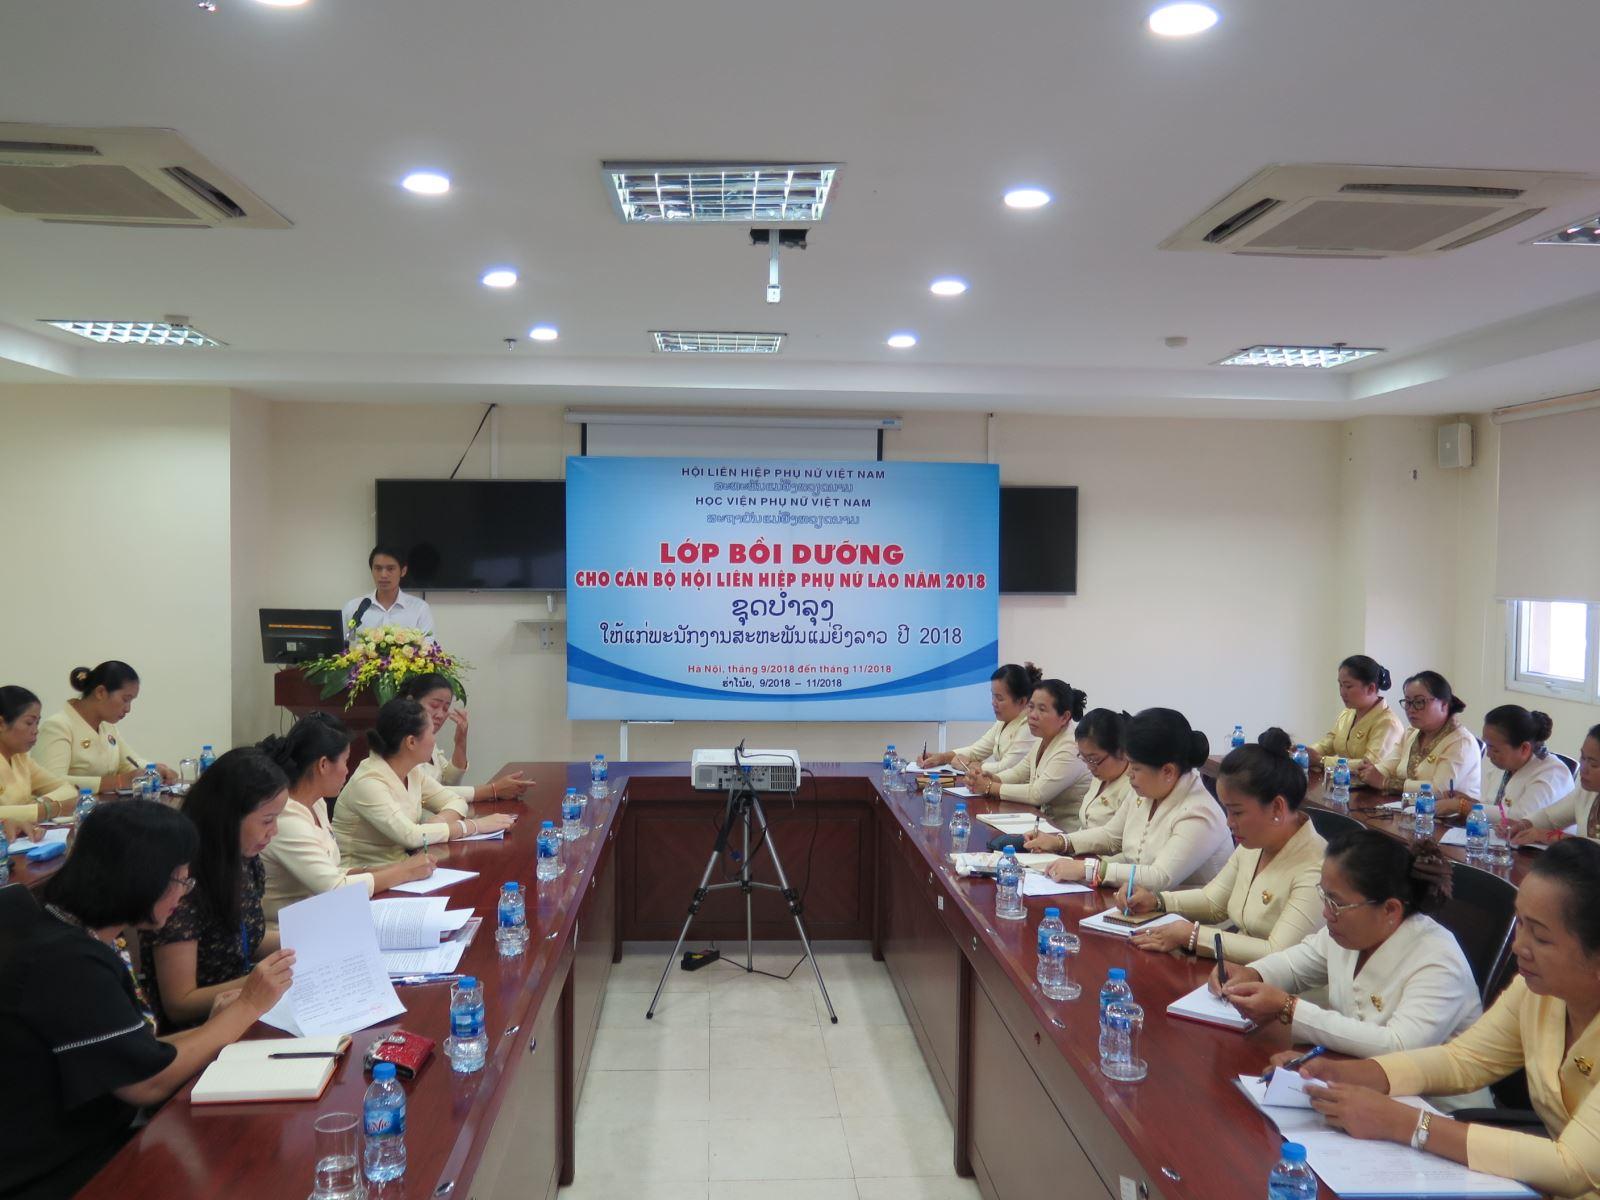 Khai giảng Lớp bồi dưỡng cán bộ Hội LHPN Lào năm 2018